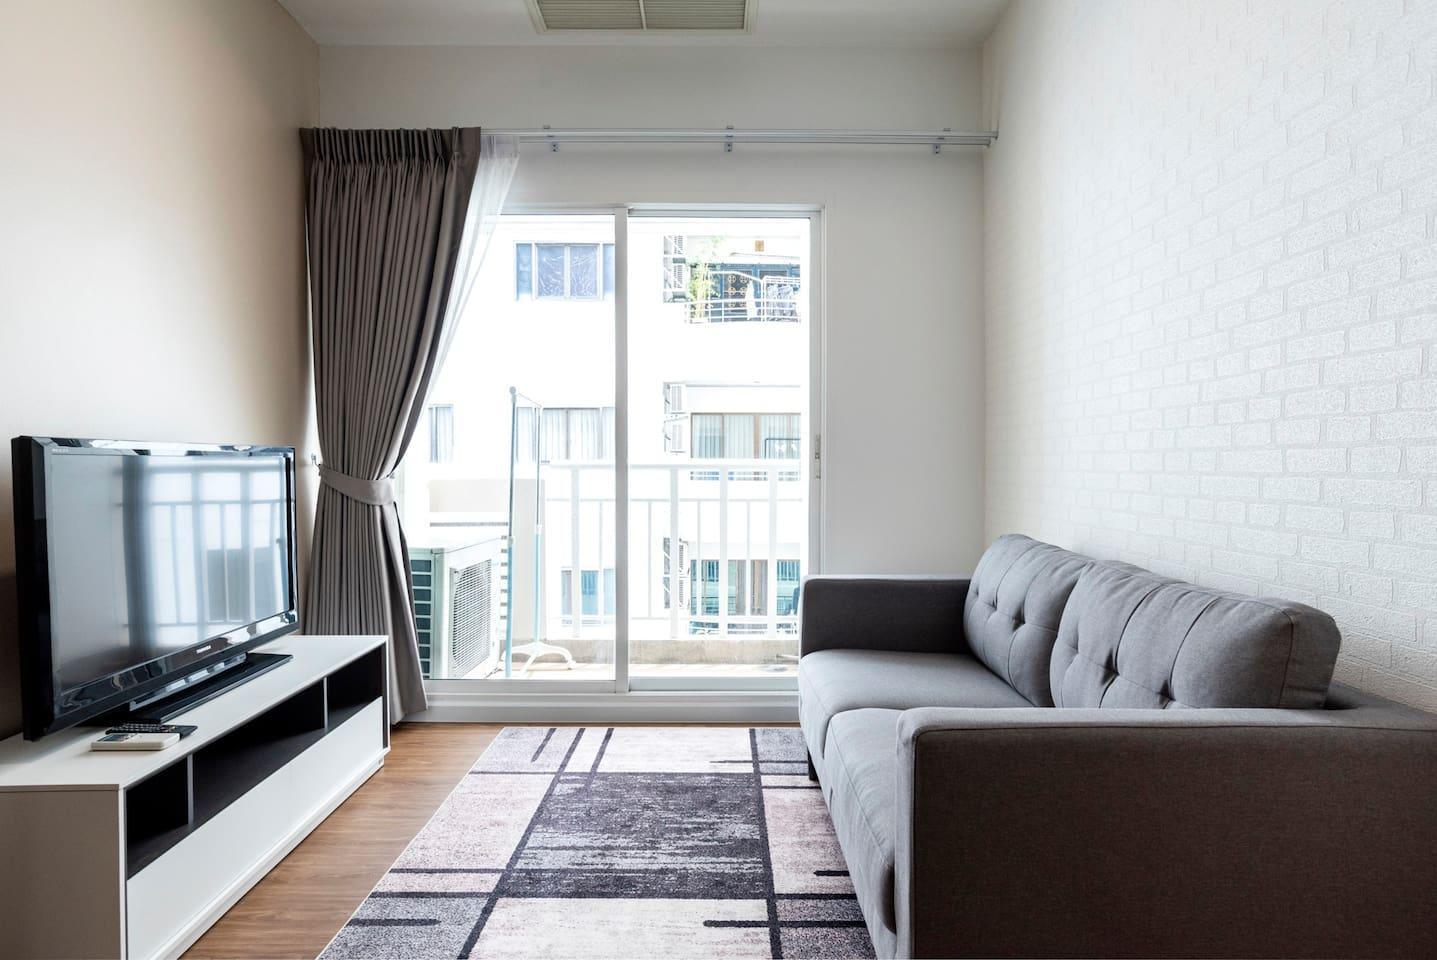 59 Heritage Sukhumvit อพาร์ตเมนต์ 1 ห้องนอน 1 ห้องน้ำส่วนตัว ขนาด 38 ตร.ม. – สุขุมวิท